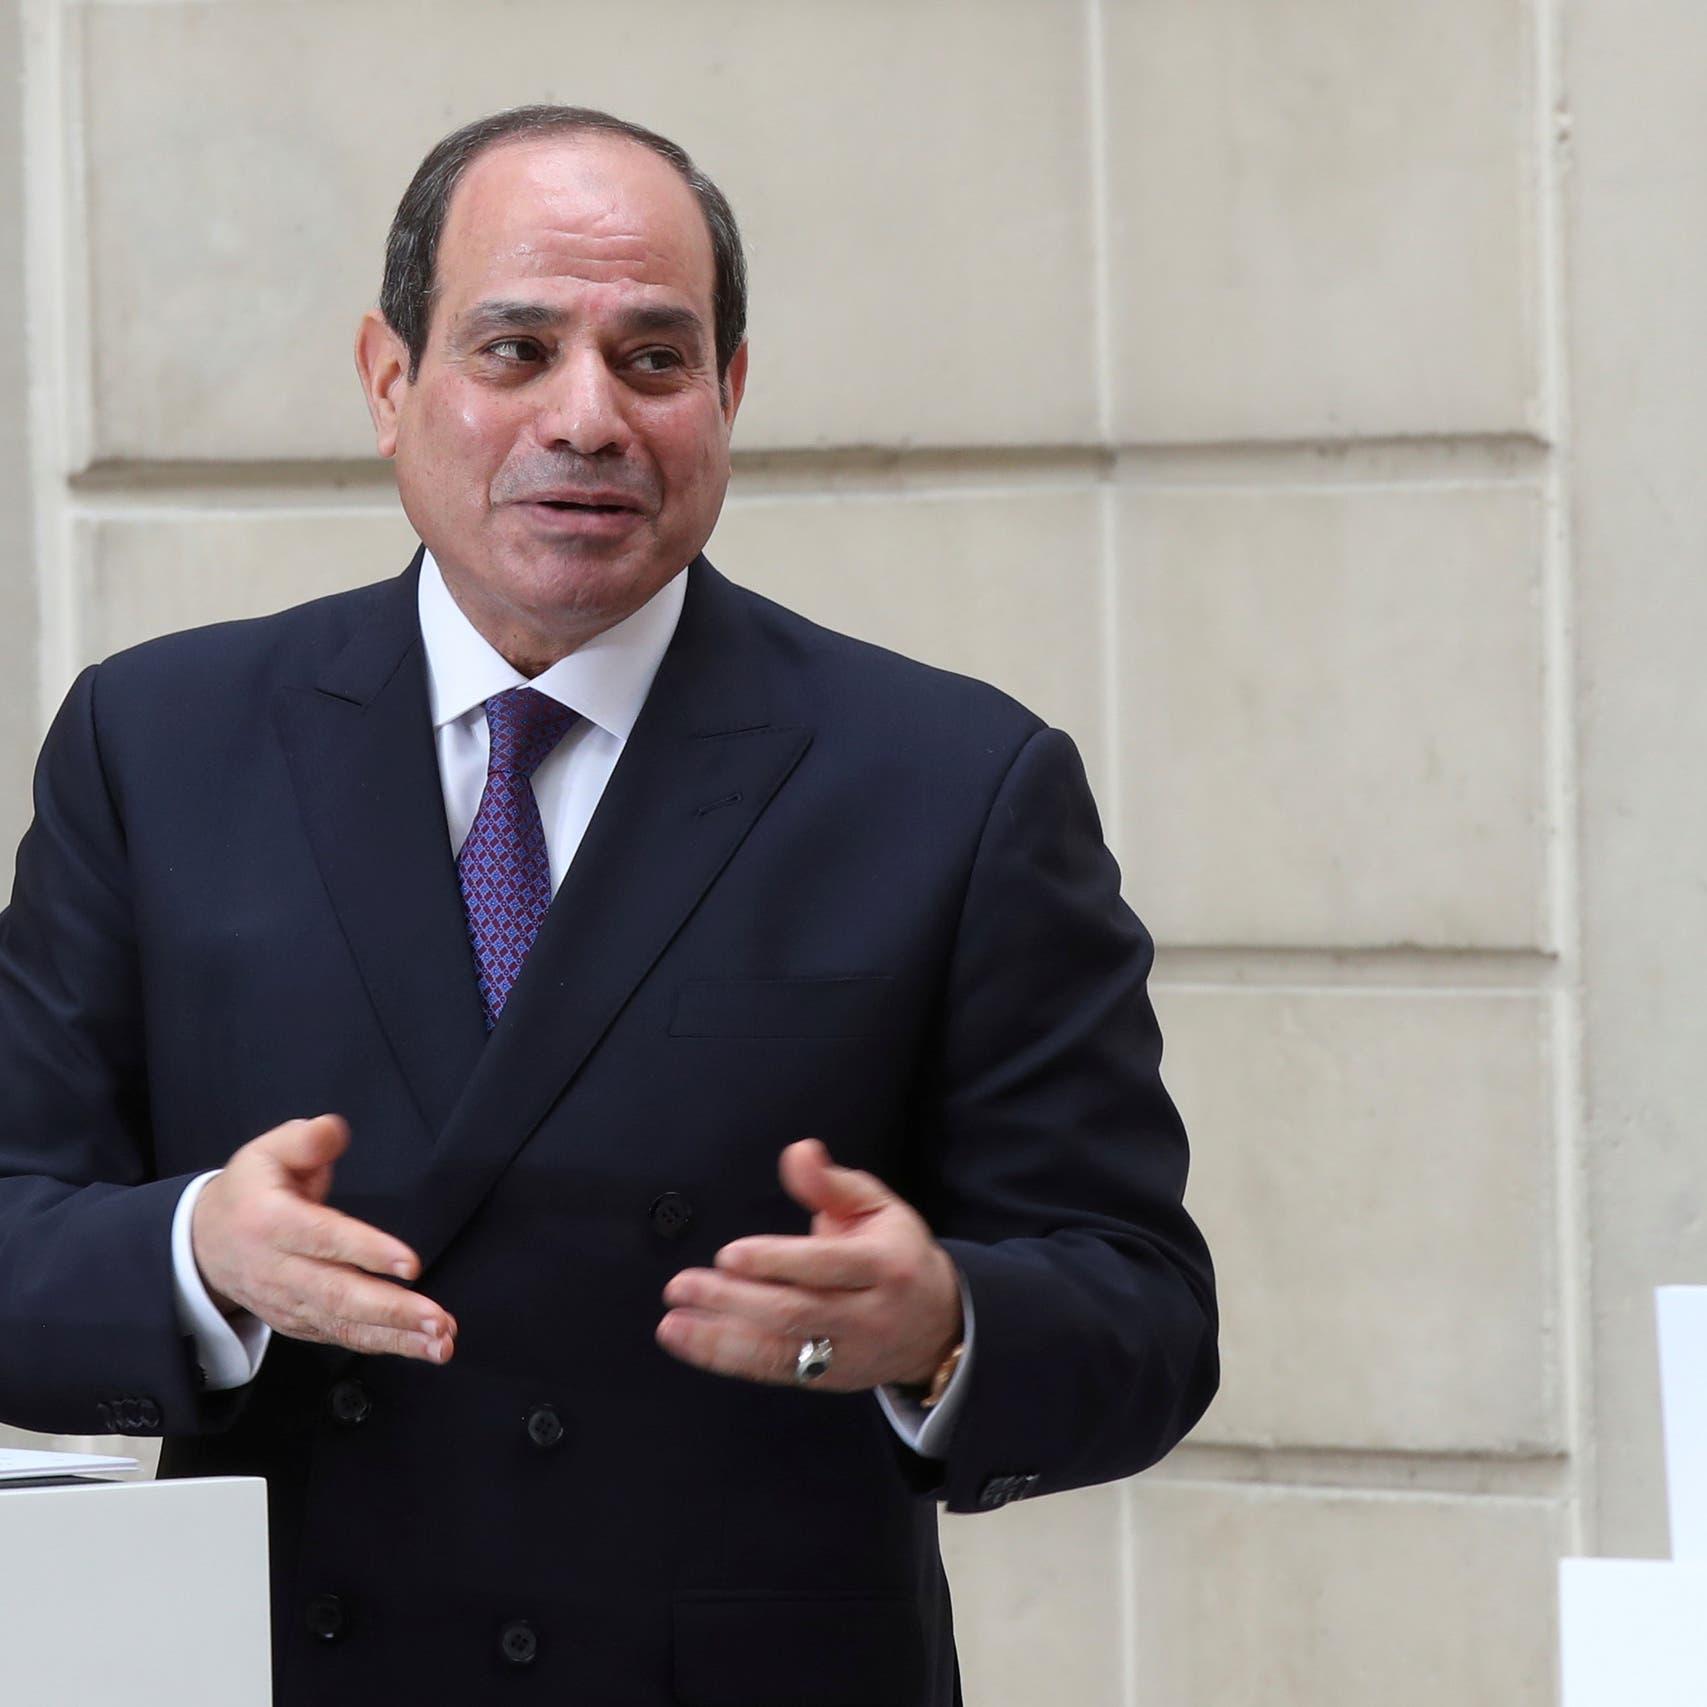 مصر.. السيسي يطلق استراتيجية وطنية لحقوق الإنسان